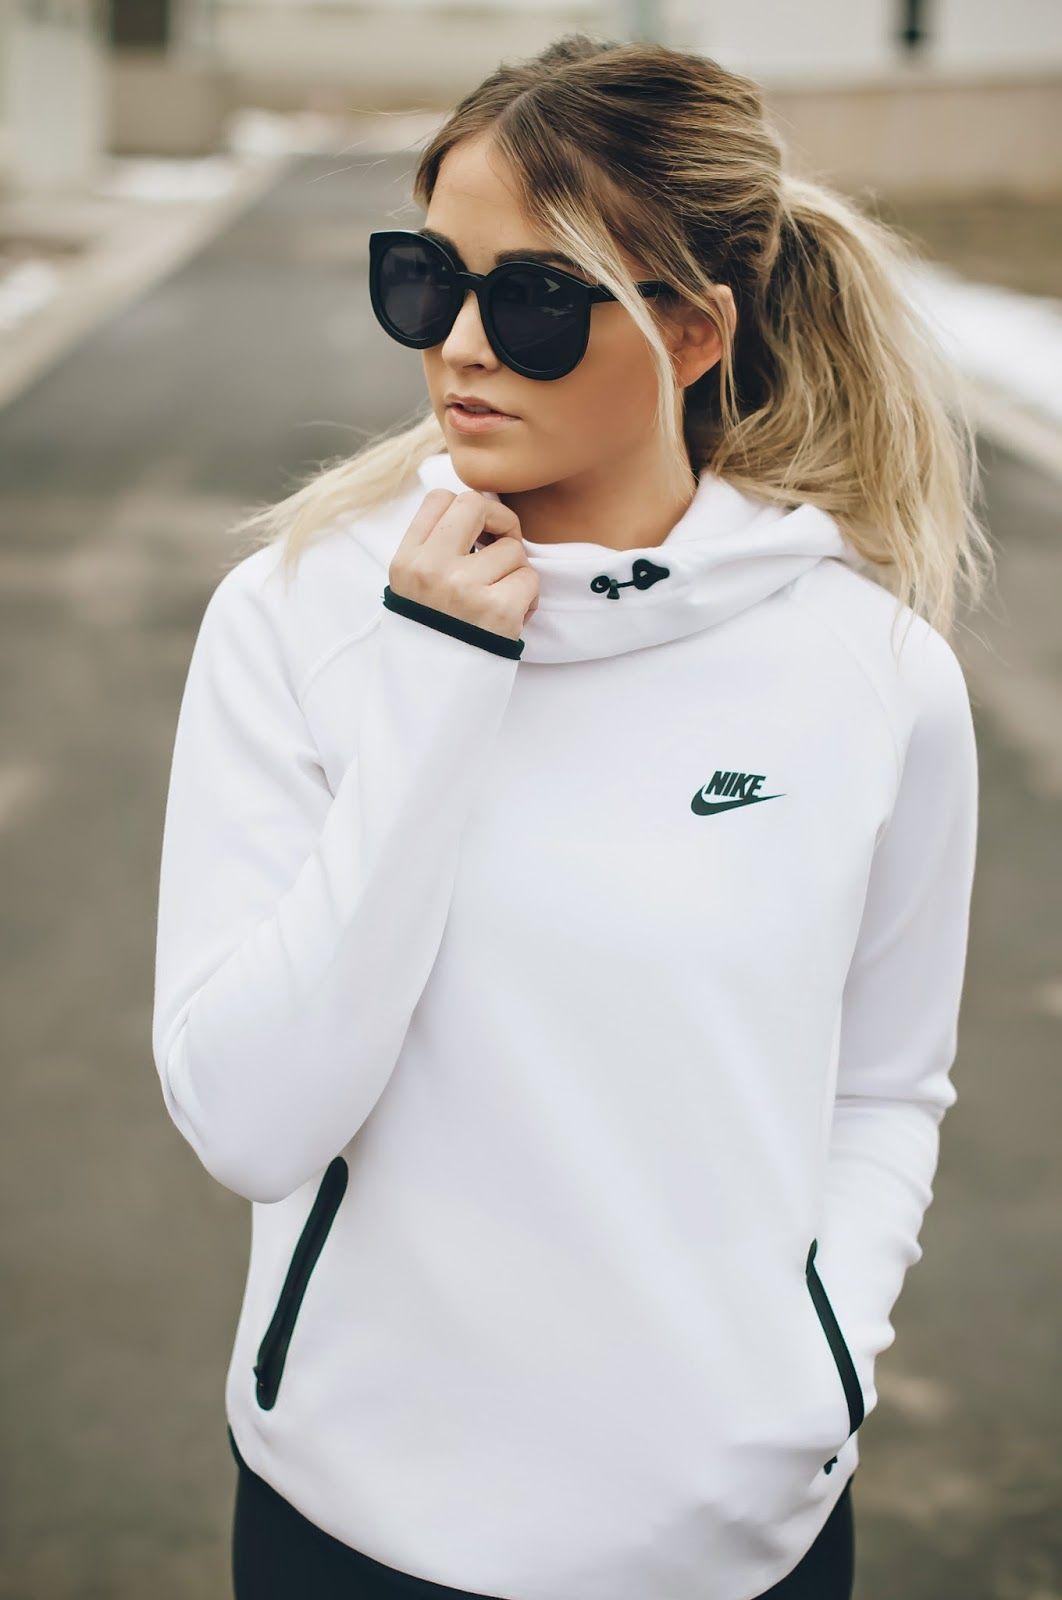 vue rabais Manchester Nike Blazer Des Femmes De Pantalon Blanc achat en ligne CaL1LaDhm8